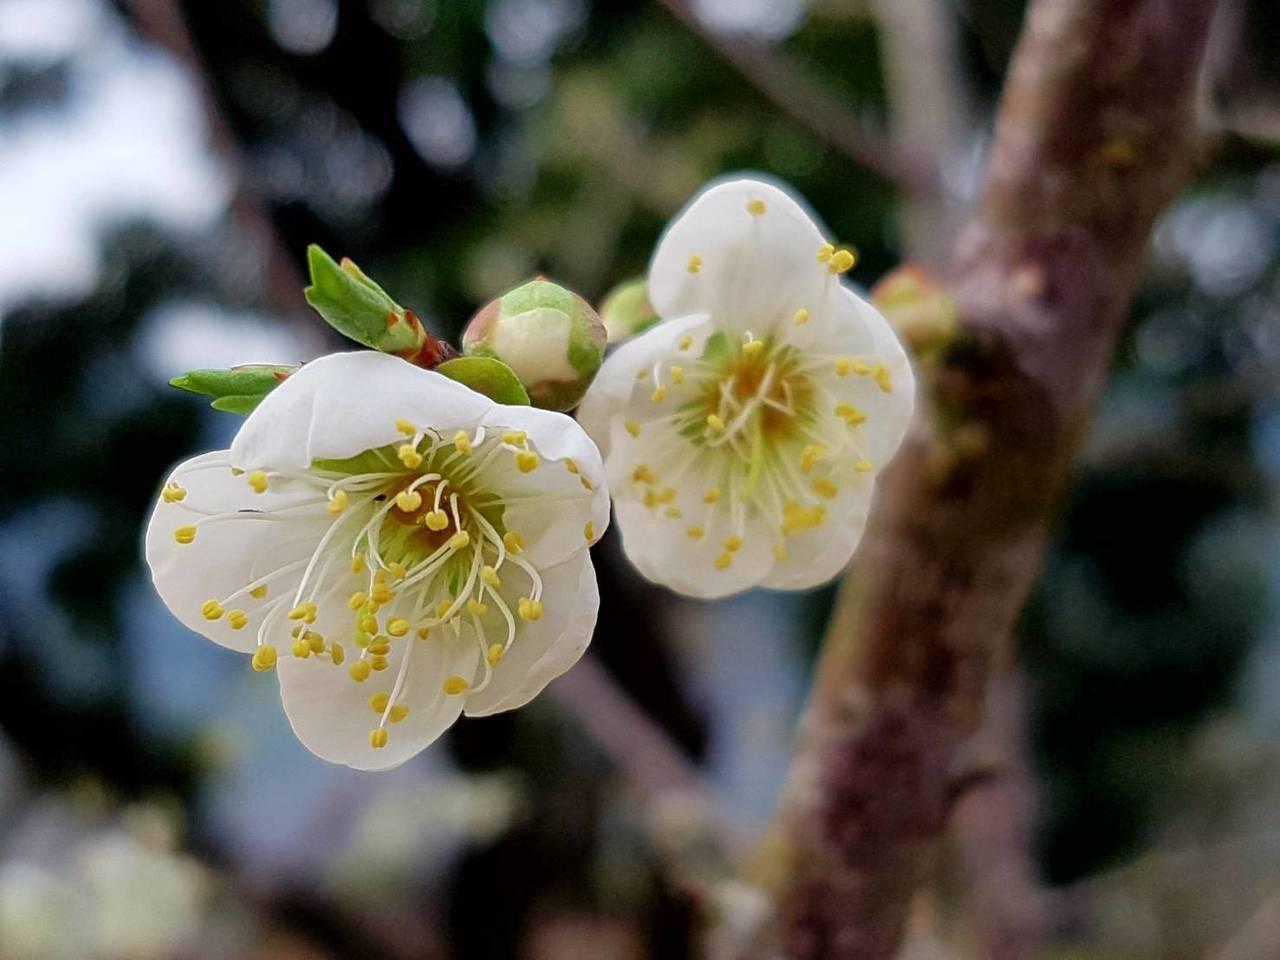 全台最南端的賞梅勝地高雄六龜寶來,目前正是梅花最盛開時期。記者謝梅芬/翻攝